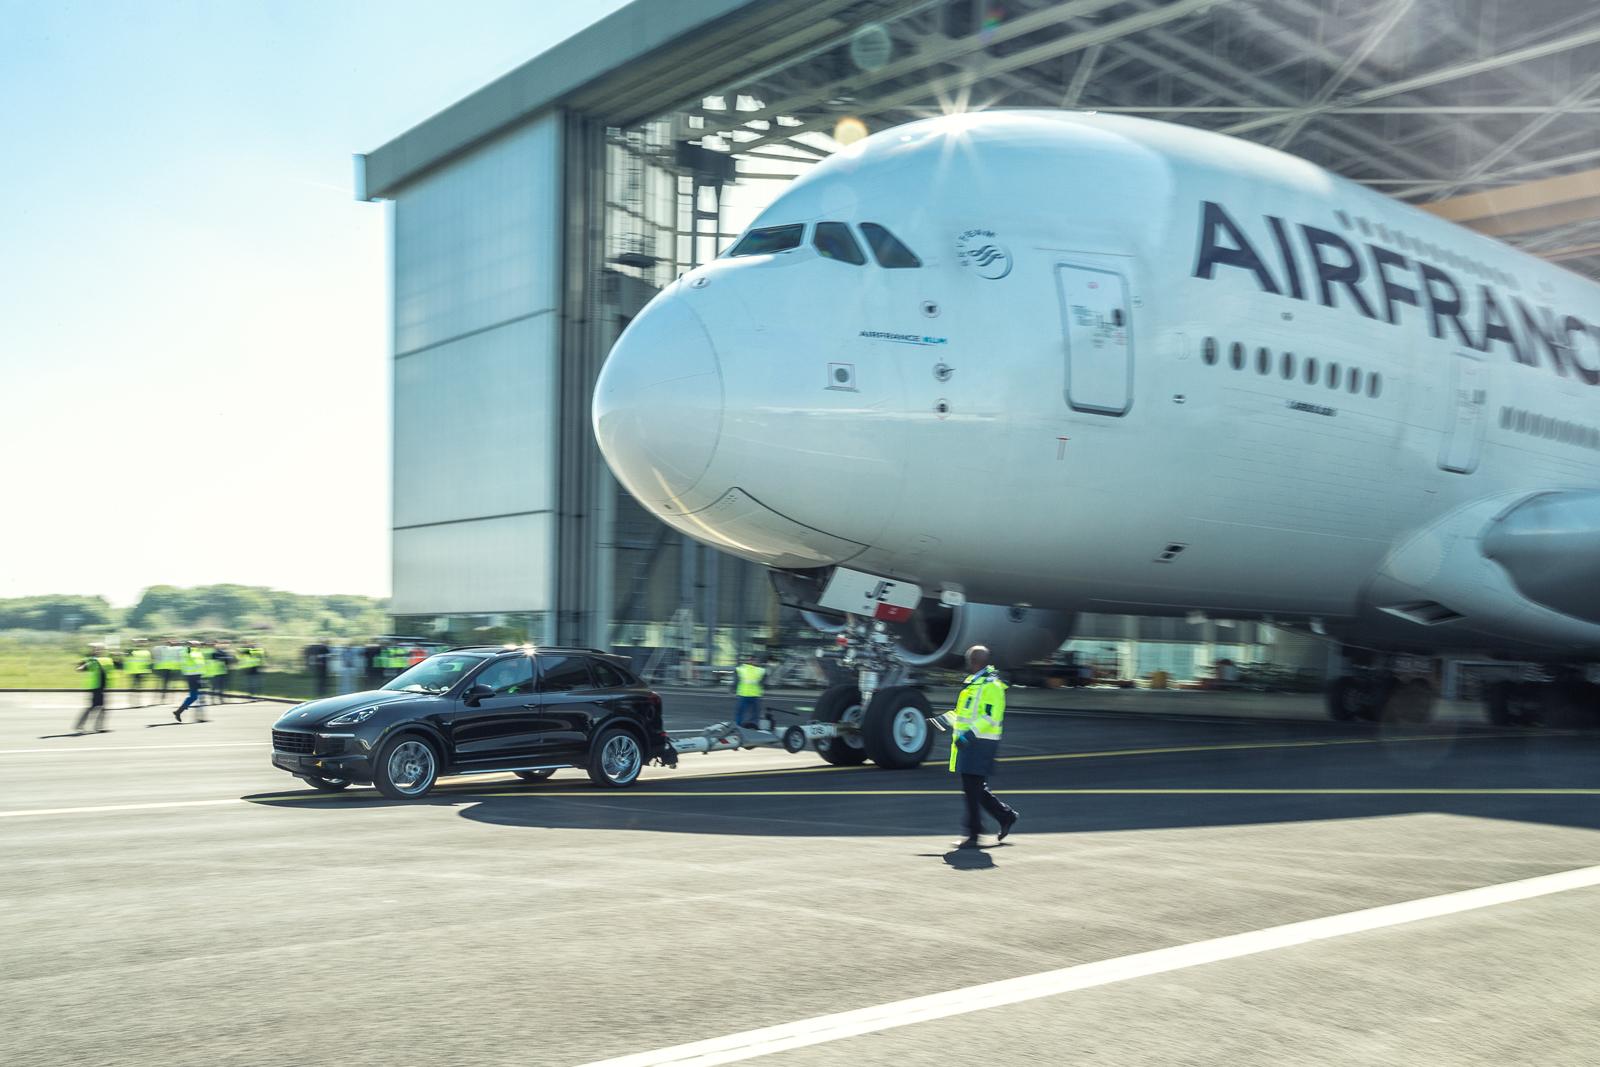 RP - Porsche Cayenne A380 World Record Tow-2.jpg